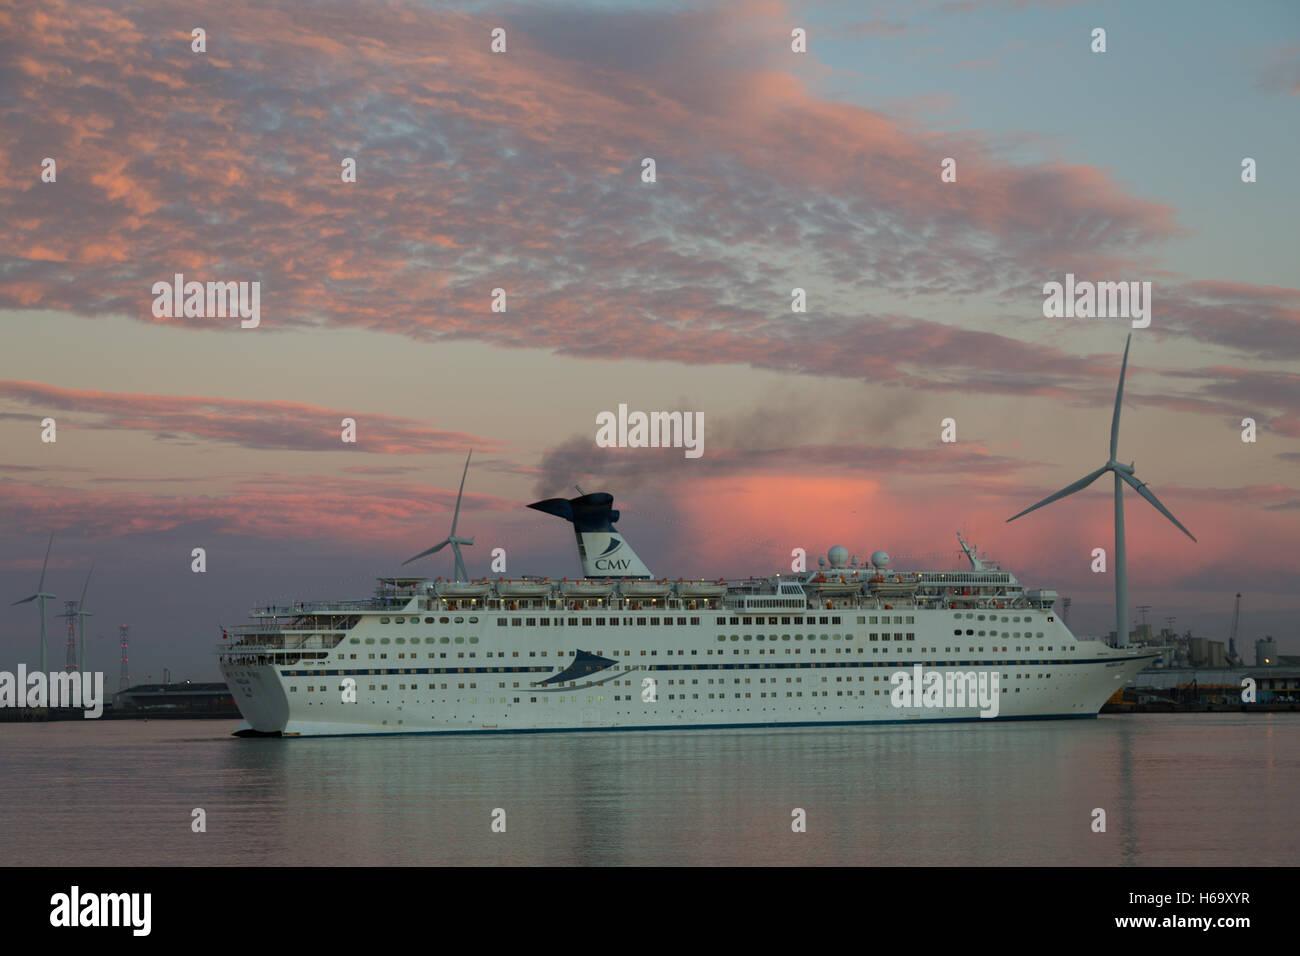 Cruise ship Magellan at sunrise at Tilbury - Stock Image